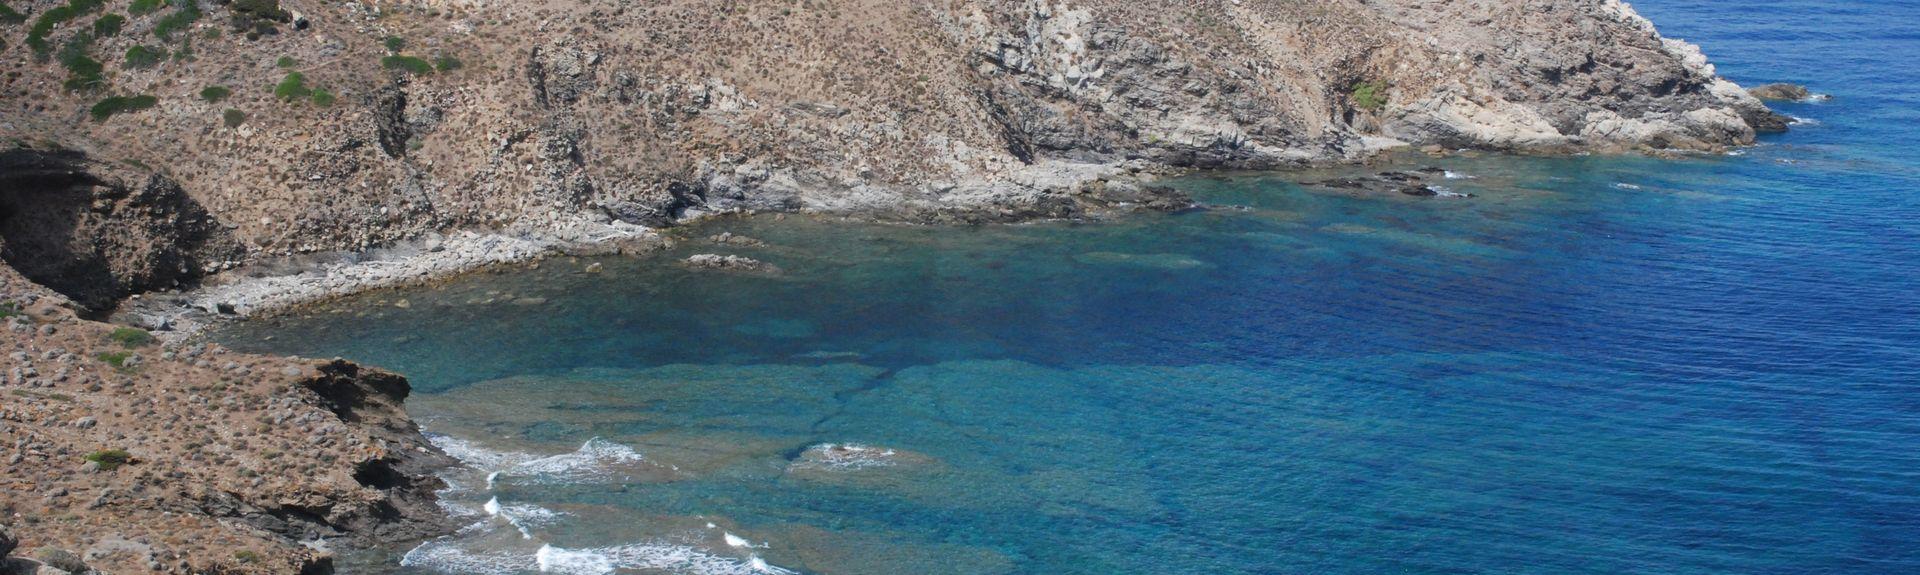 Uri, Sardinia, Italy